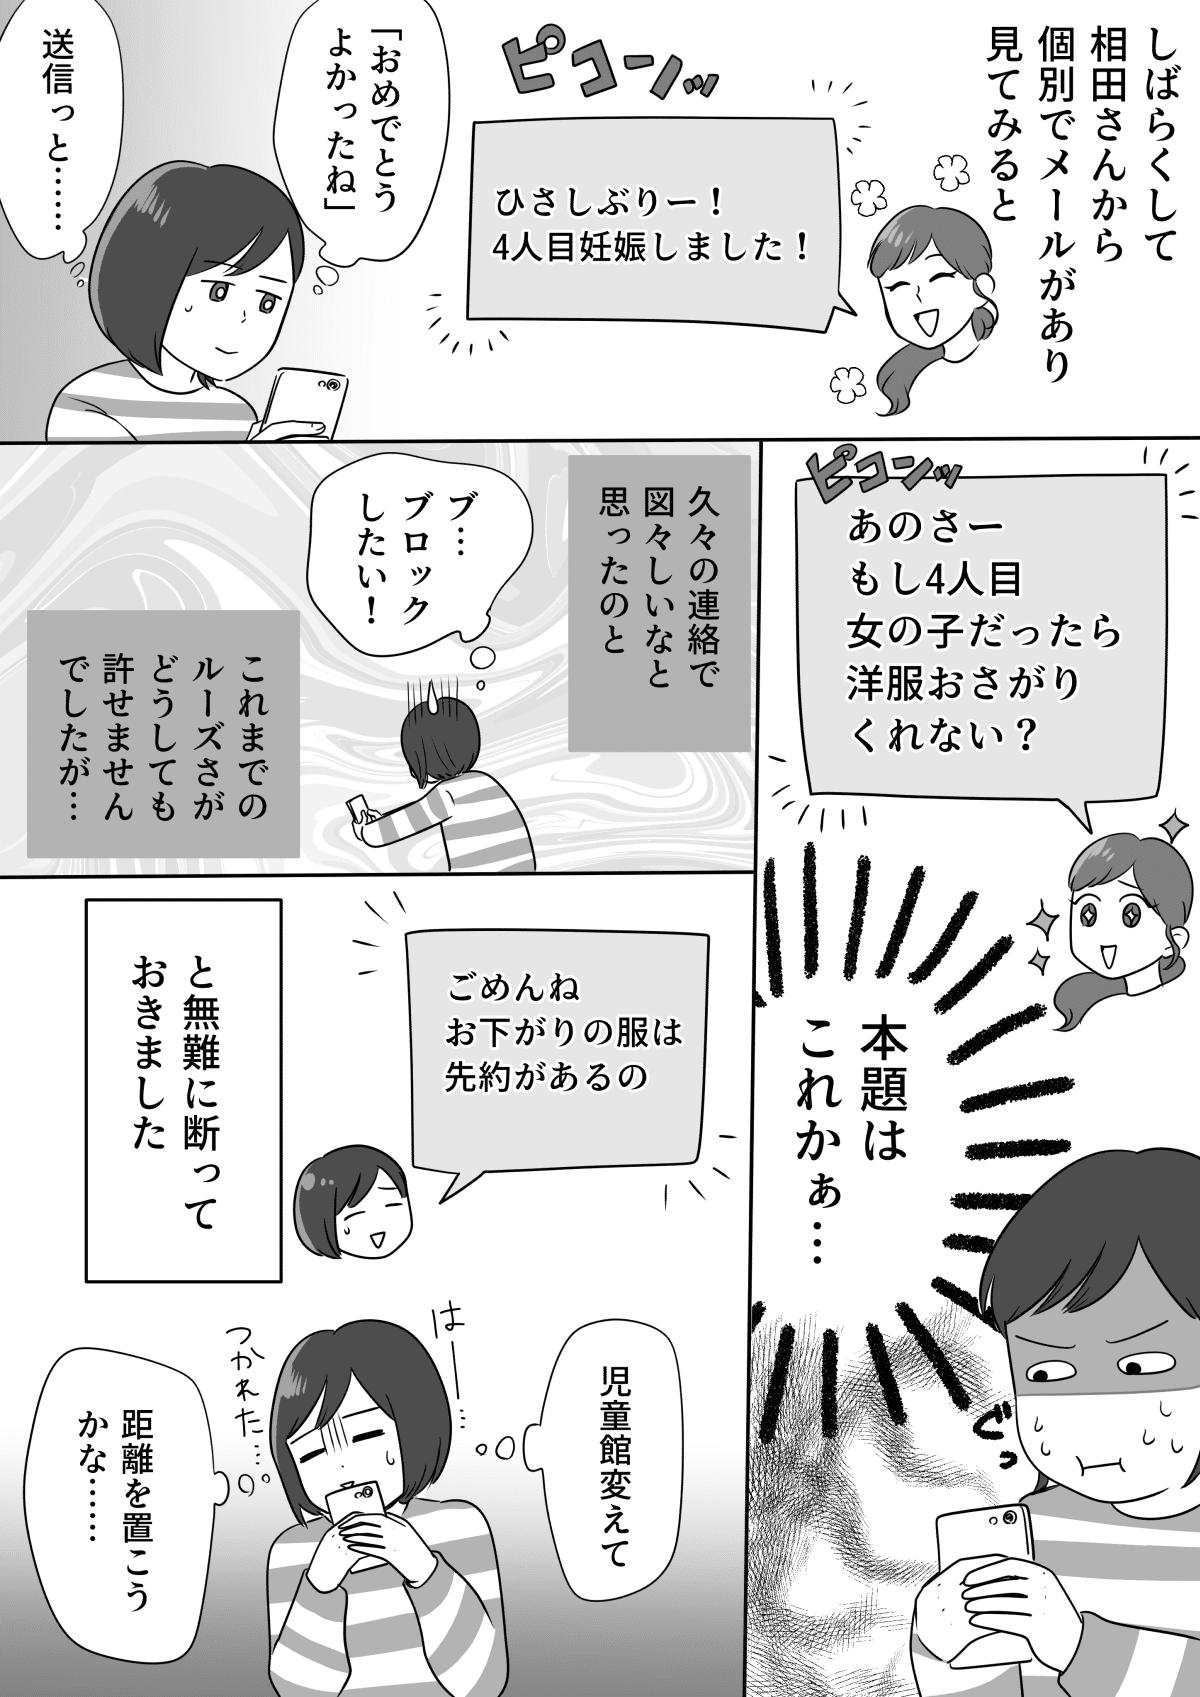 フェードアウト_003